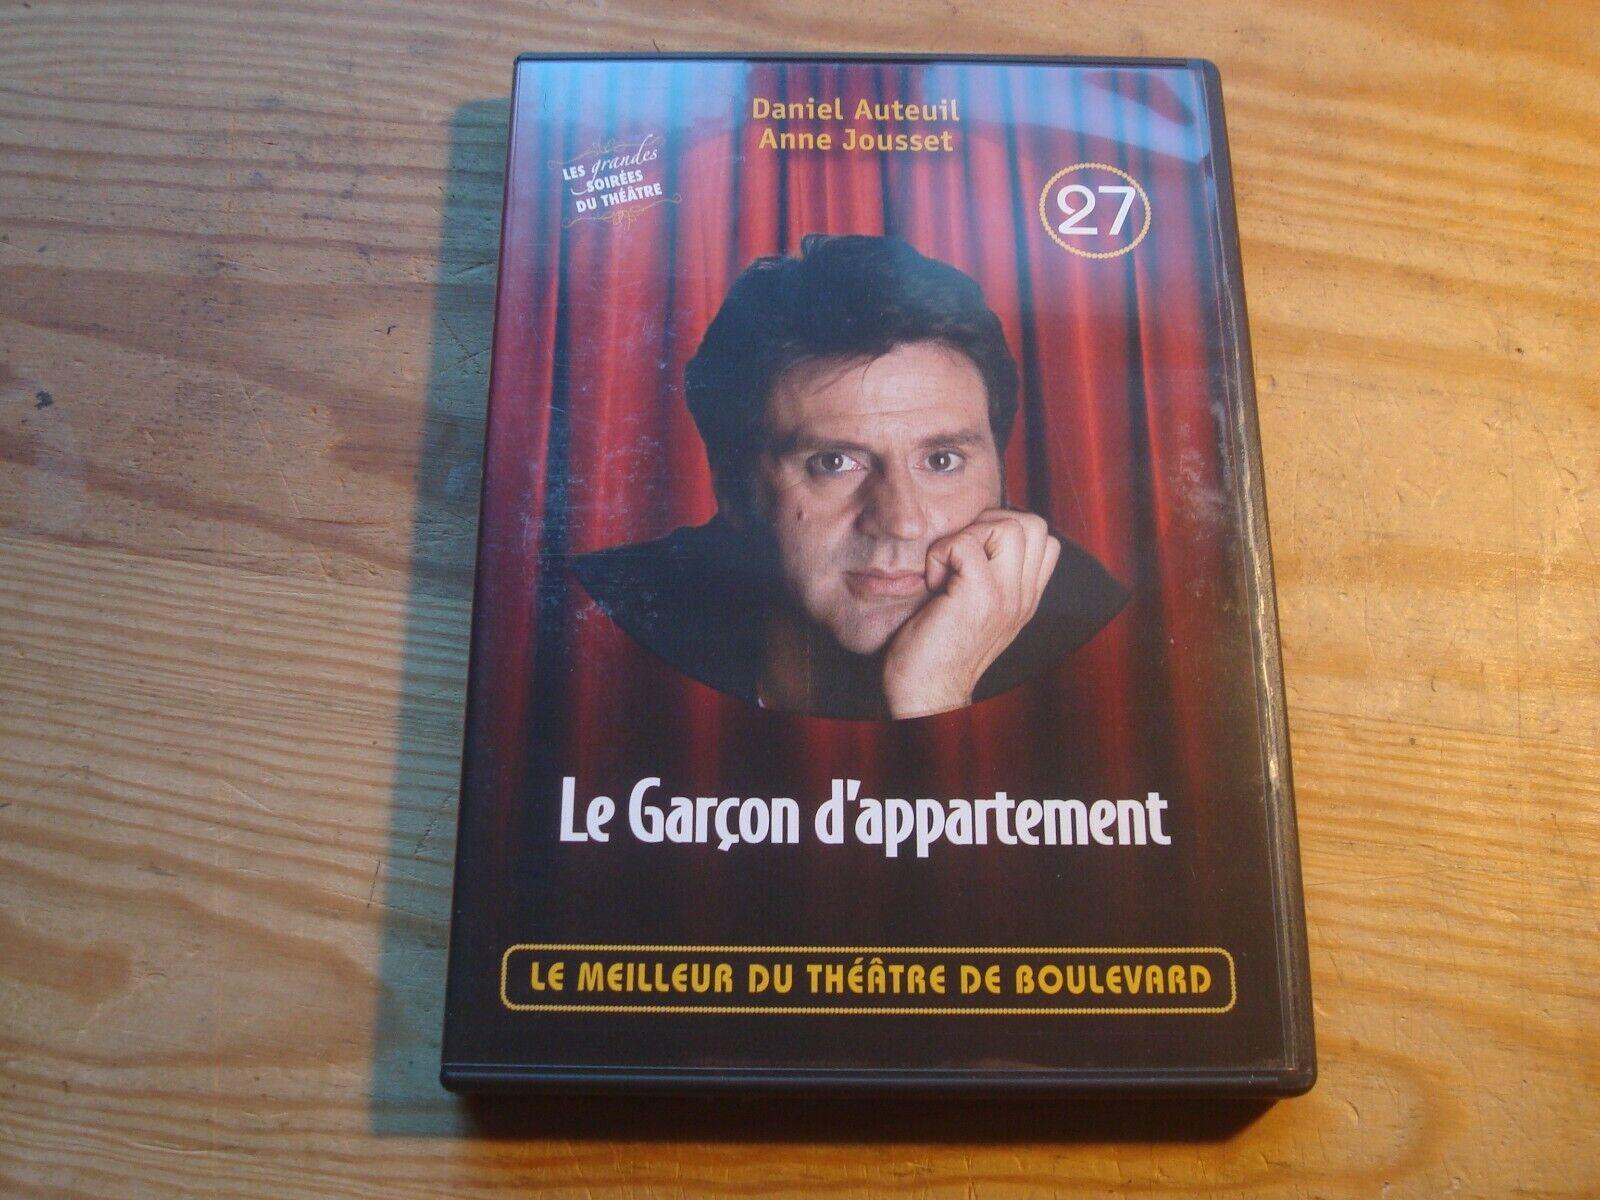 Dvd : le garçon d' appartement - le meilleur du theatre de boulevard - n° 27